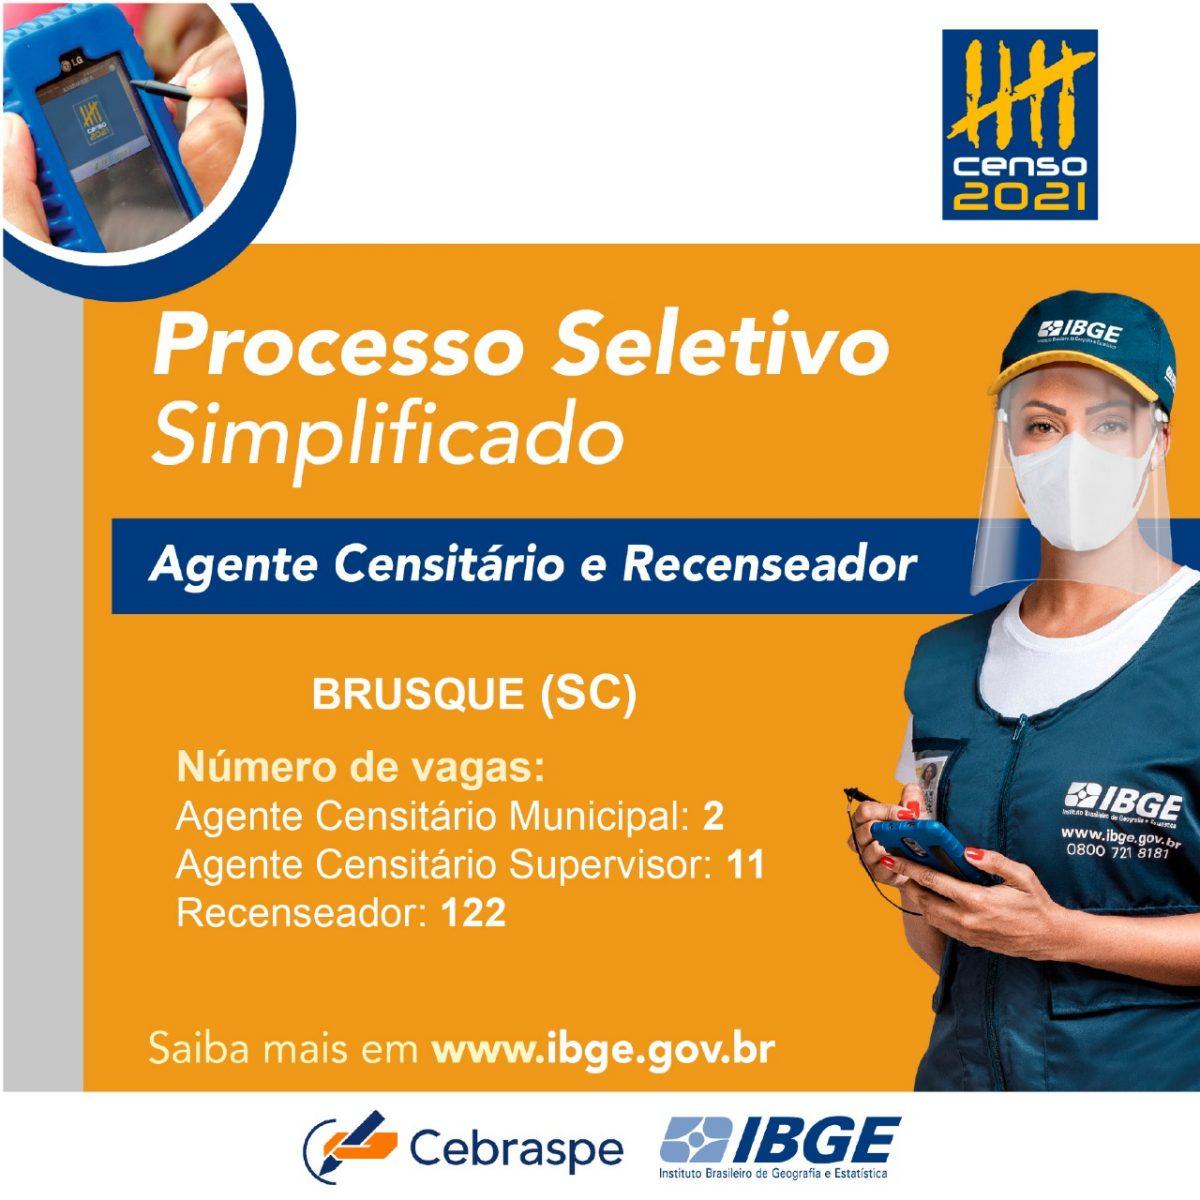 IBGE: Inscrições para processo seletivo de recenseadores começam na próxima terça-feira (23)